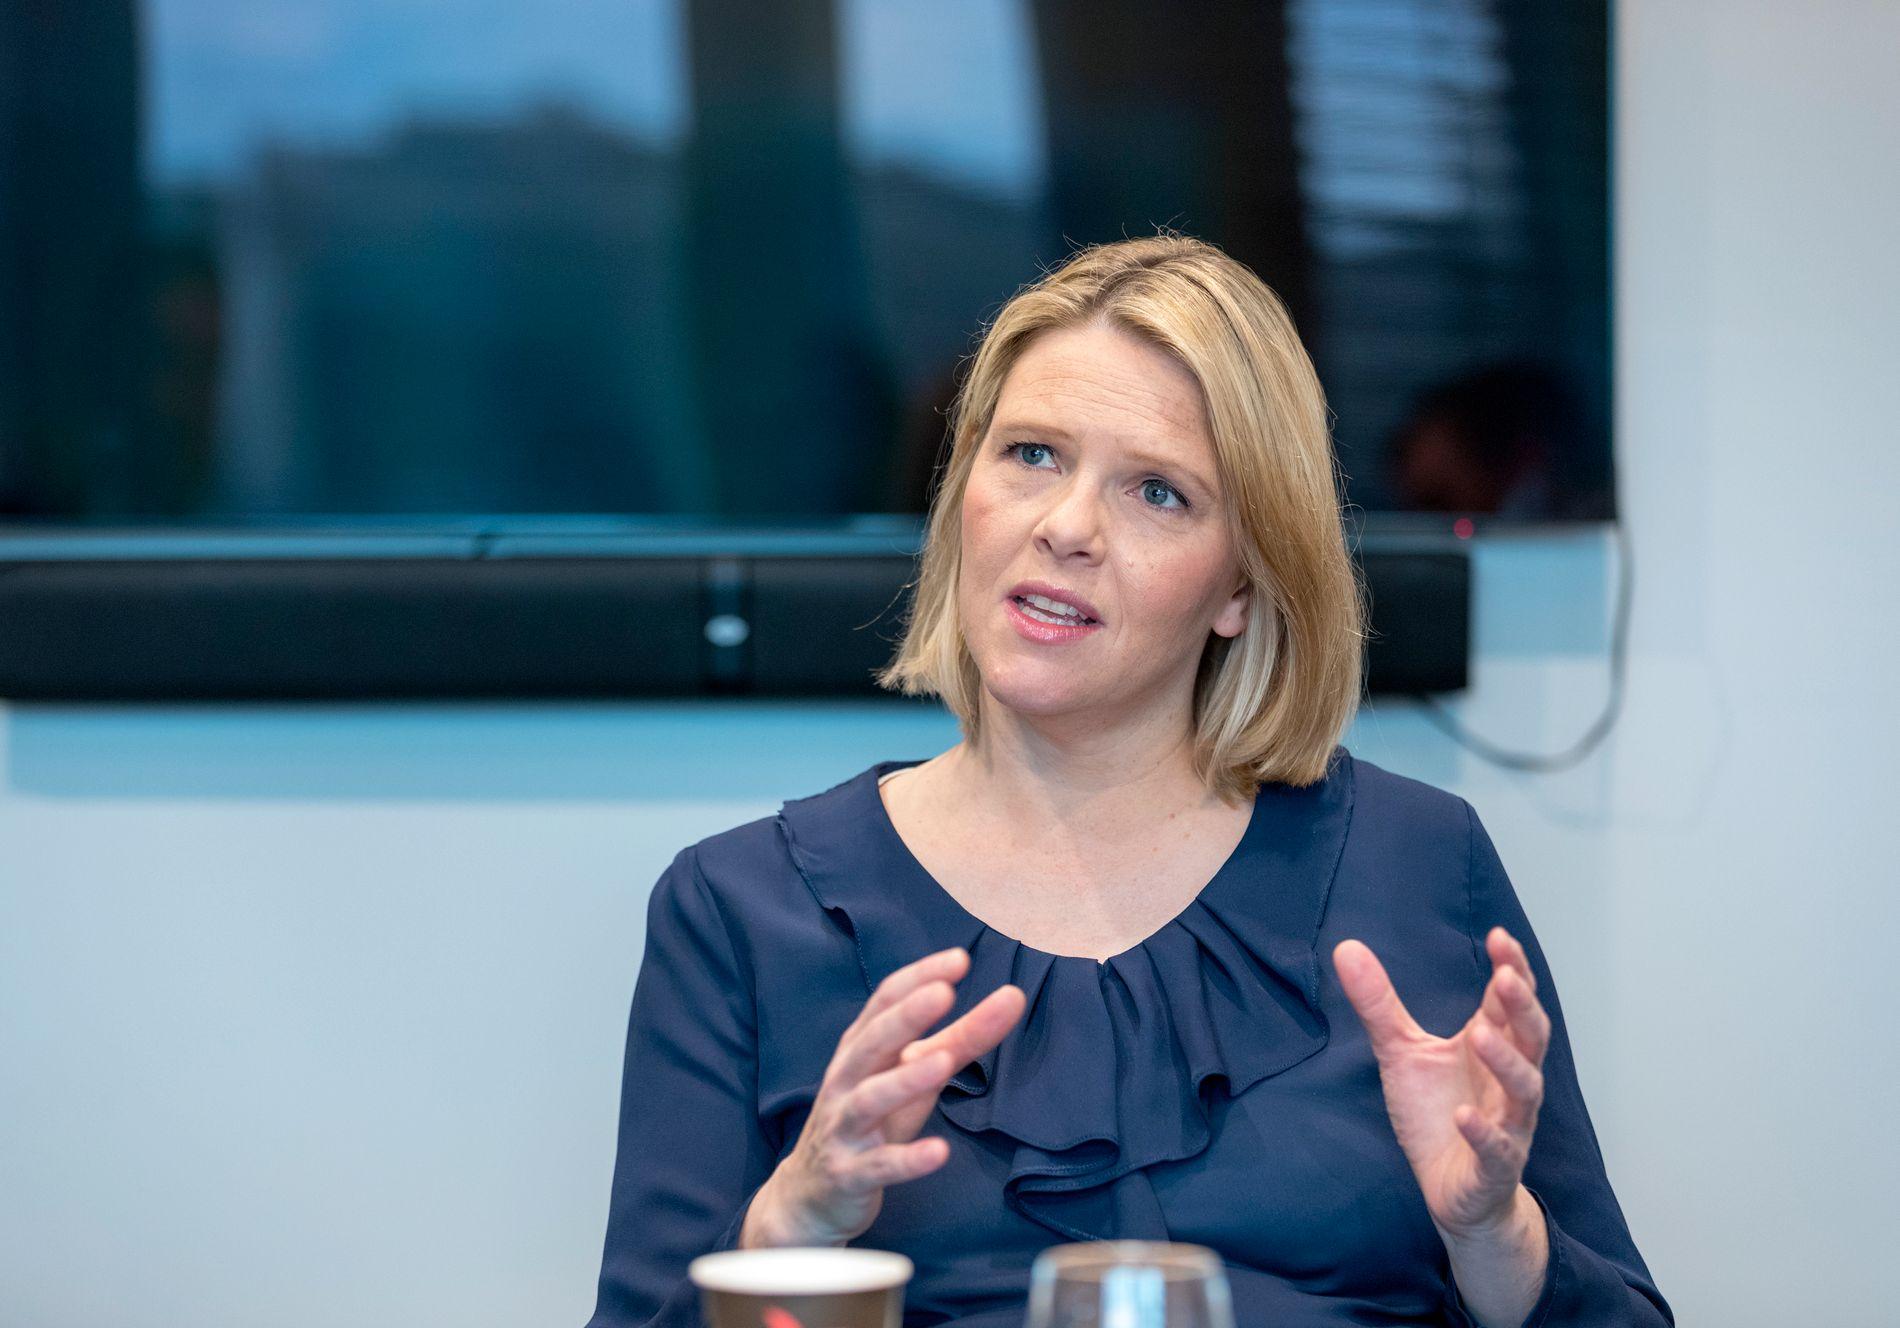 FÅTT BREV: EU har sendt et brev til innvandringsminister Sylvi Listhaug (Frp) der hun oppfordres til å øke innsatsen for kvoteflyktninger.